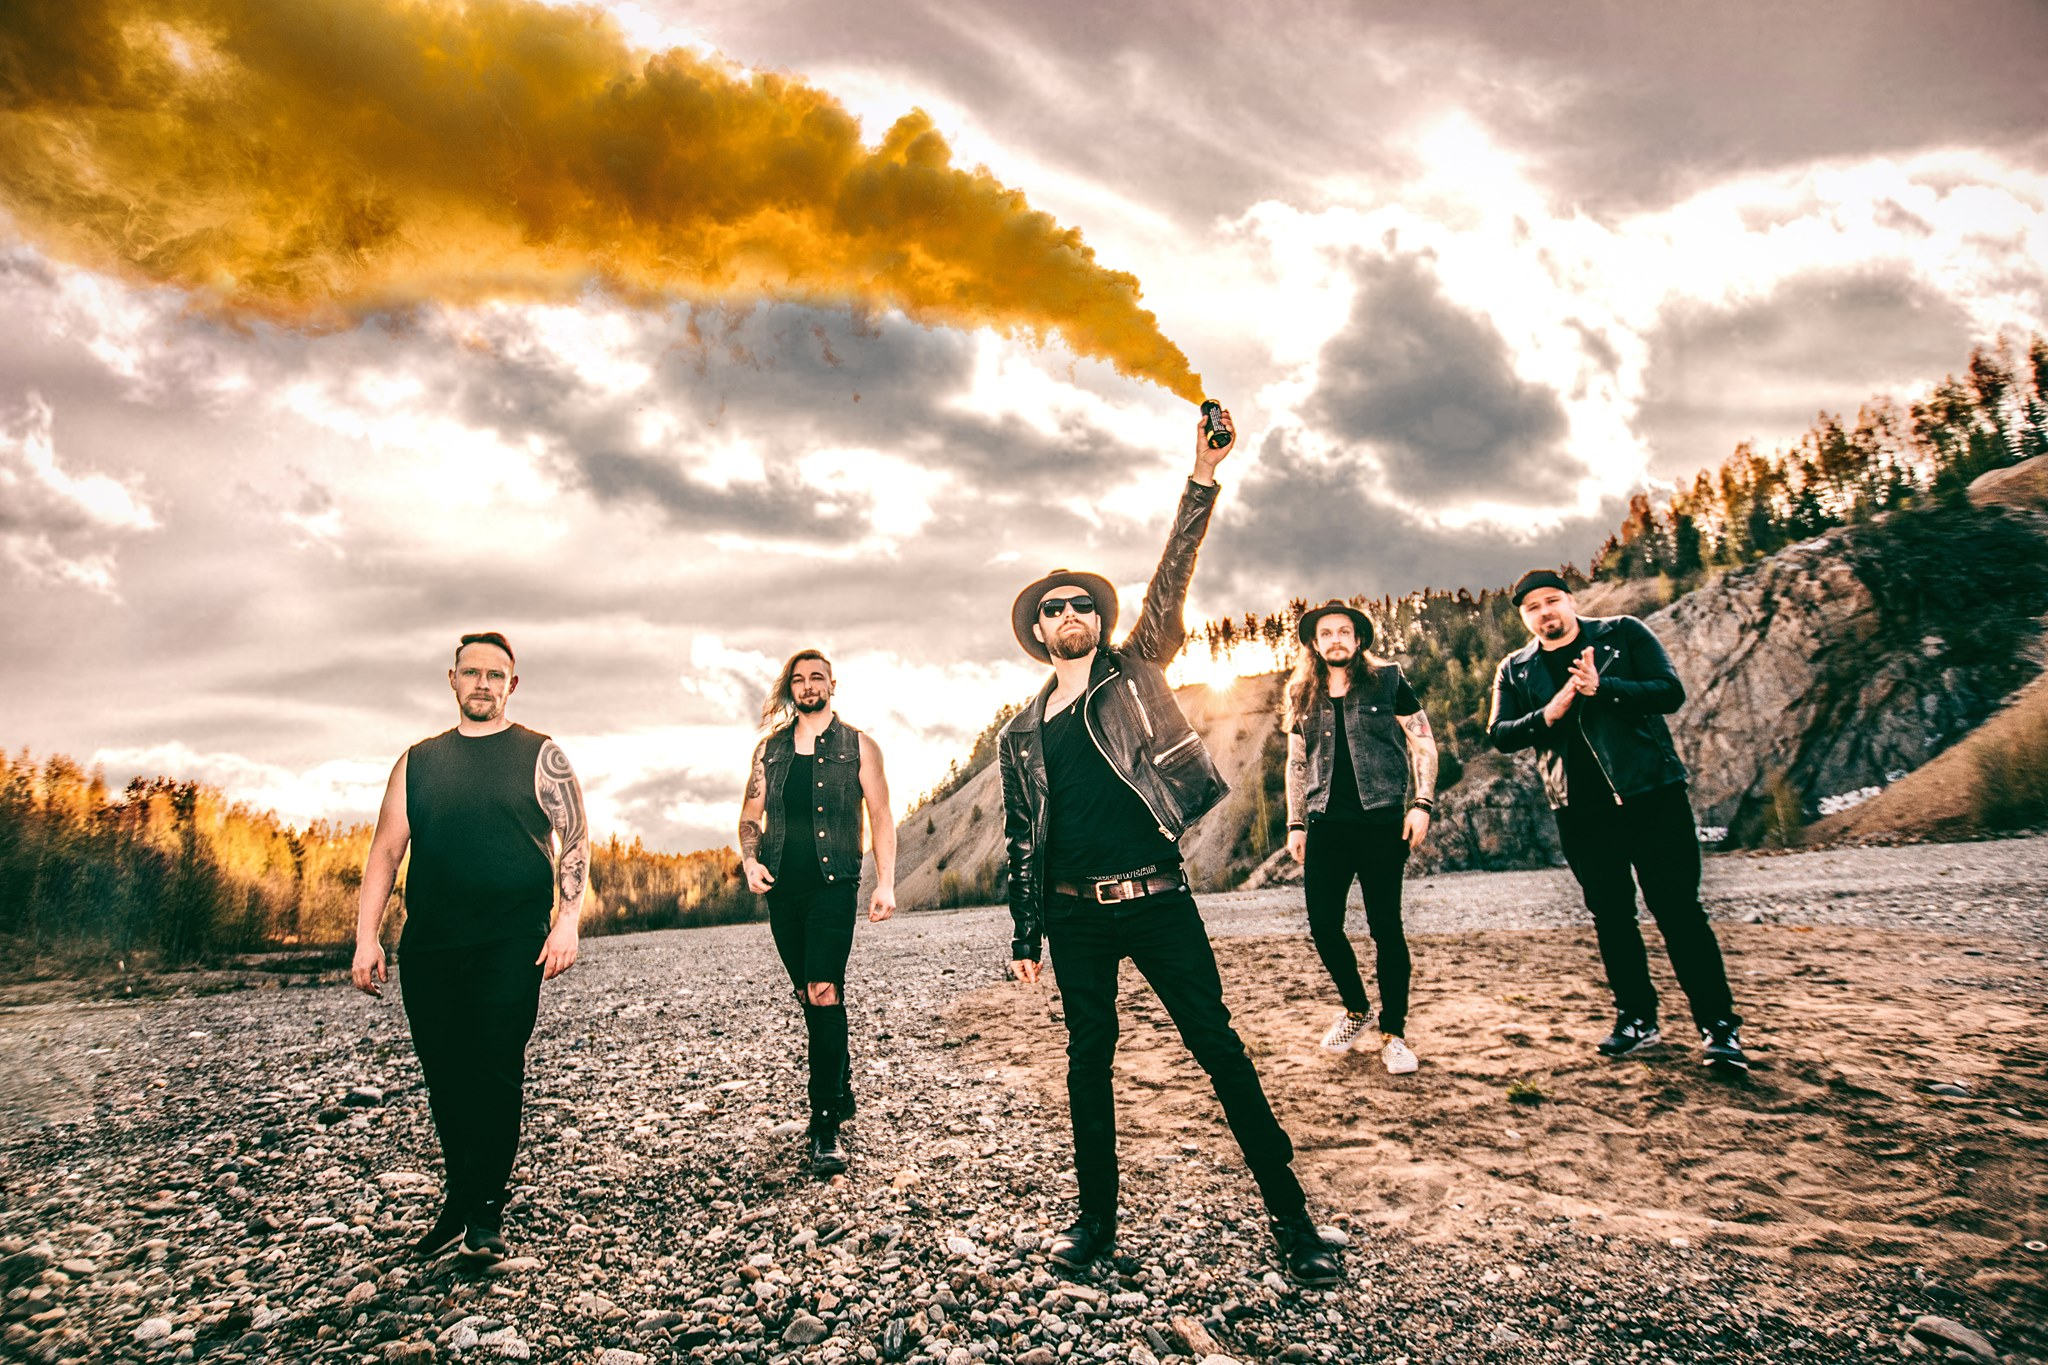 Tamperelainen Detset solmi sopimuksen saksalaisen levy-yhtiön Out Of Line Musicin kanssa